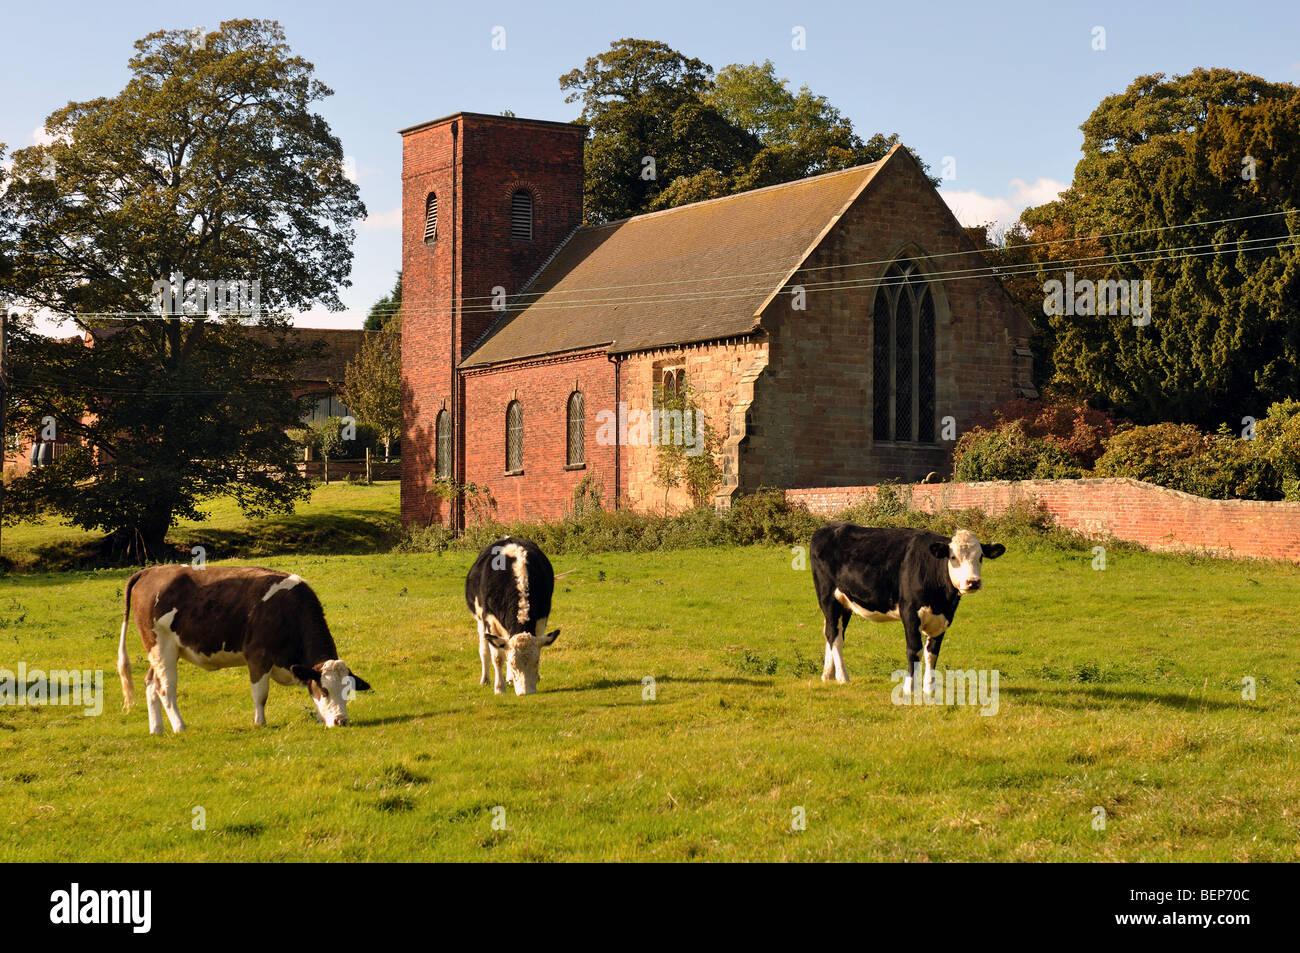 La Iglesia de San Bartolomé, despedida, Staffordshire, Inglaterra, Reino Unido. Imagen De Stock